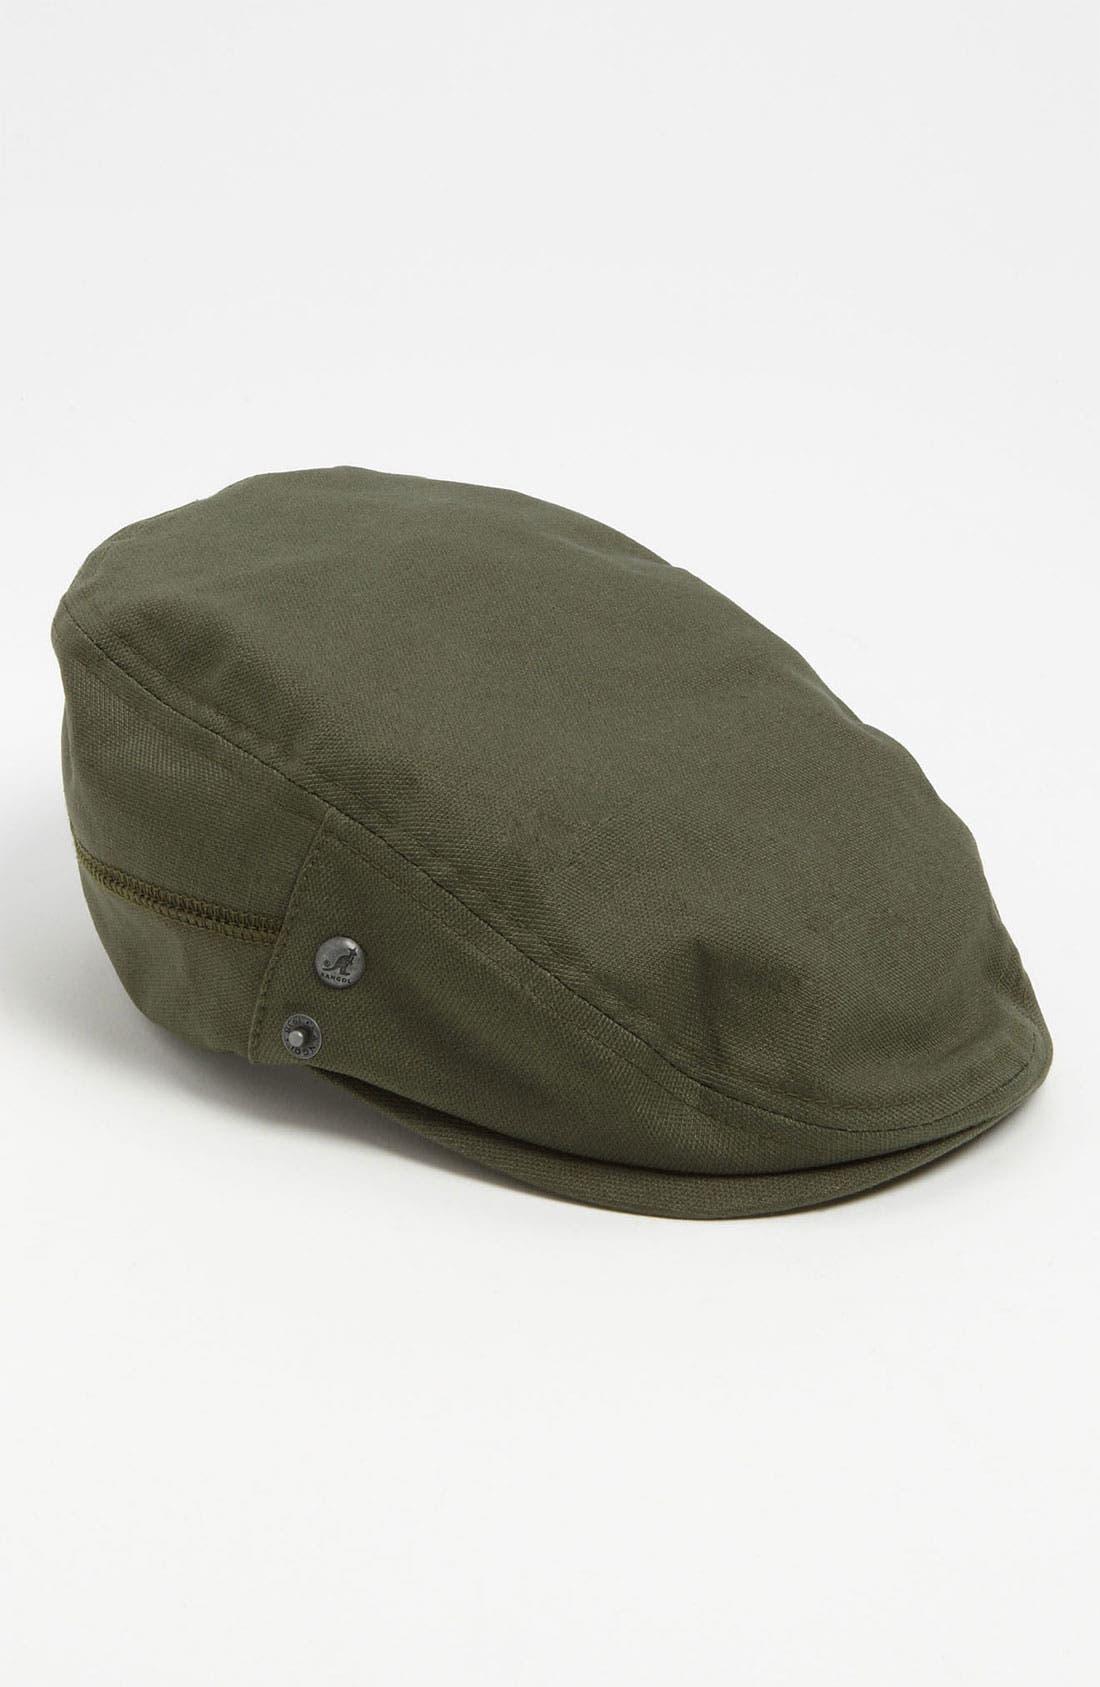 Alternate Image 1 Selected - Kangol 'Military' Driving Cap